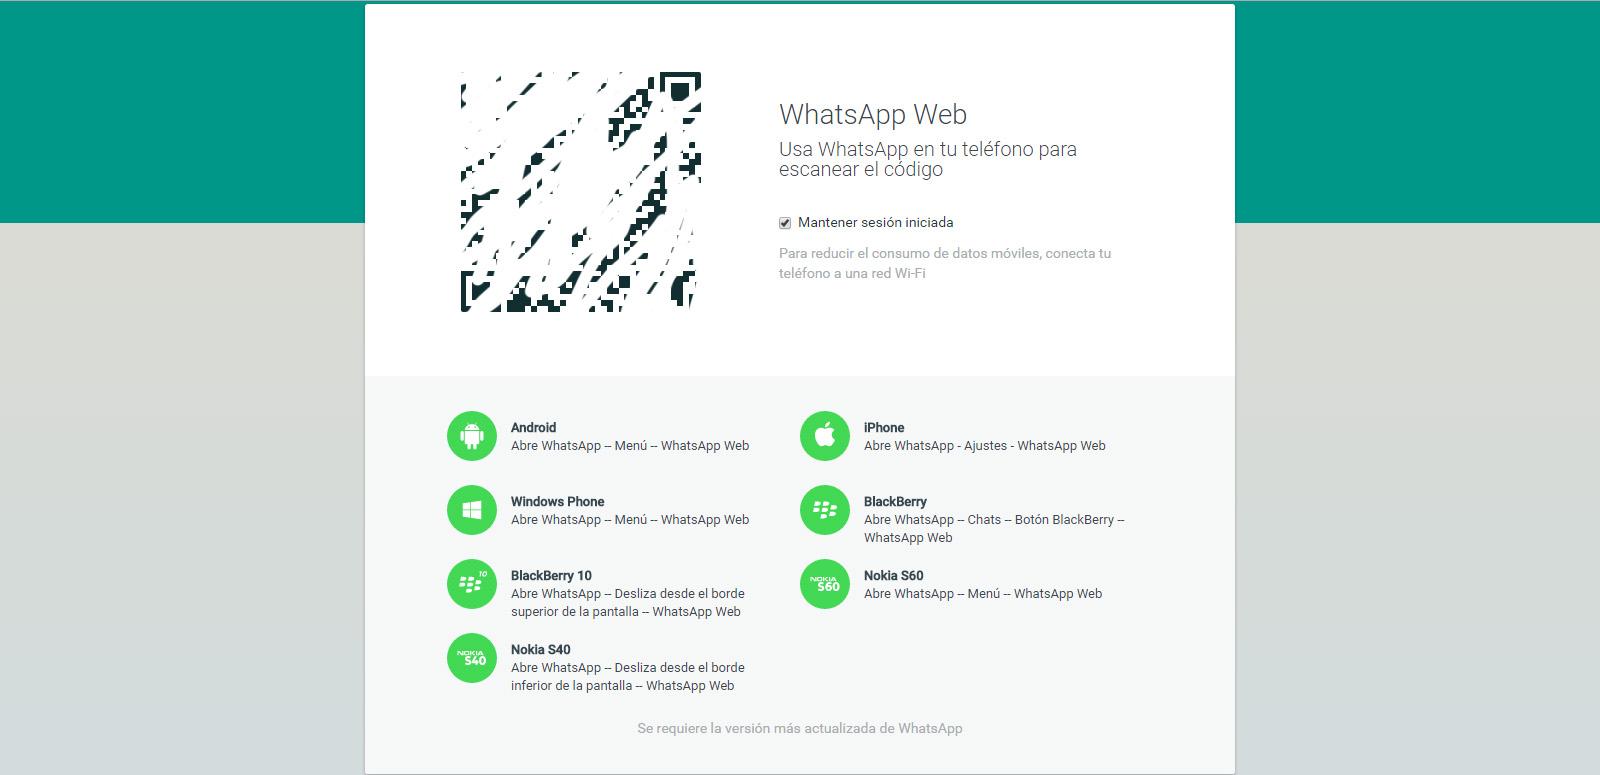 whatsapp web descargar gratis para celular android samsung